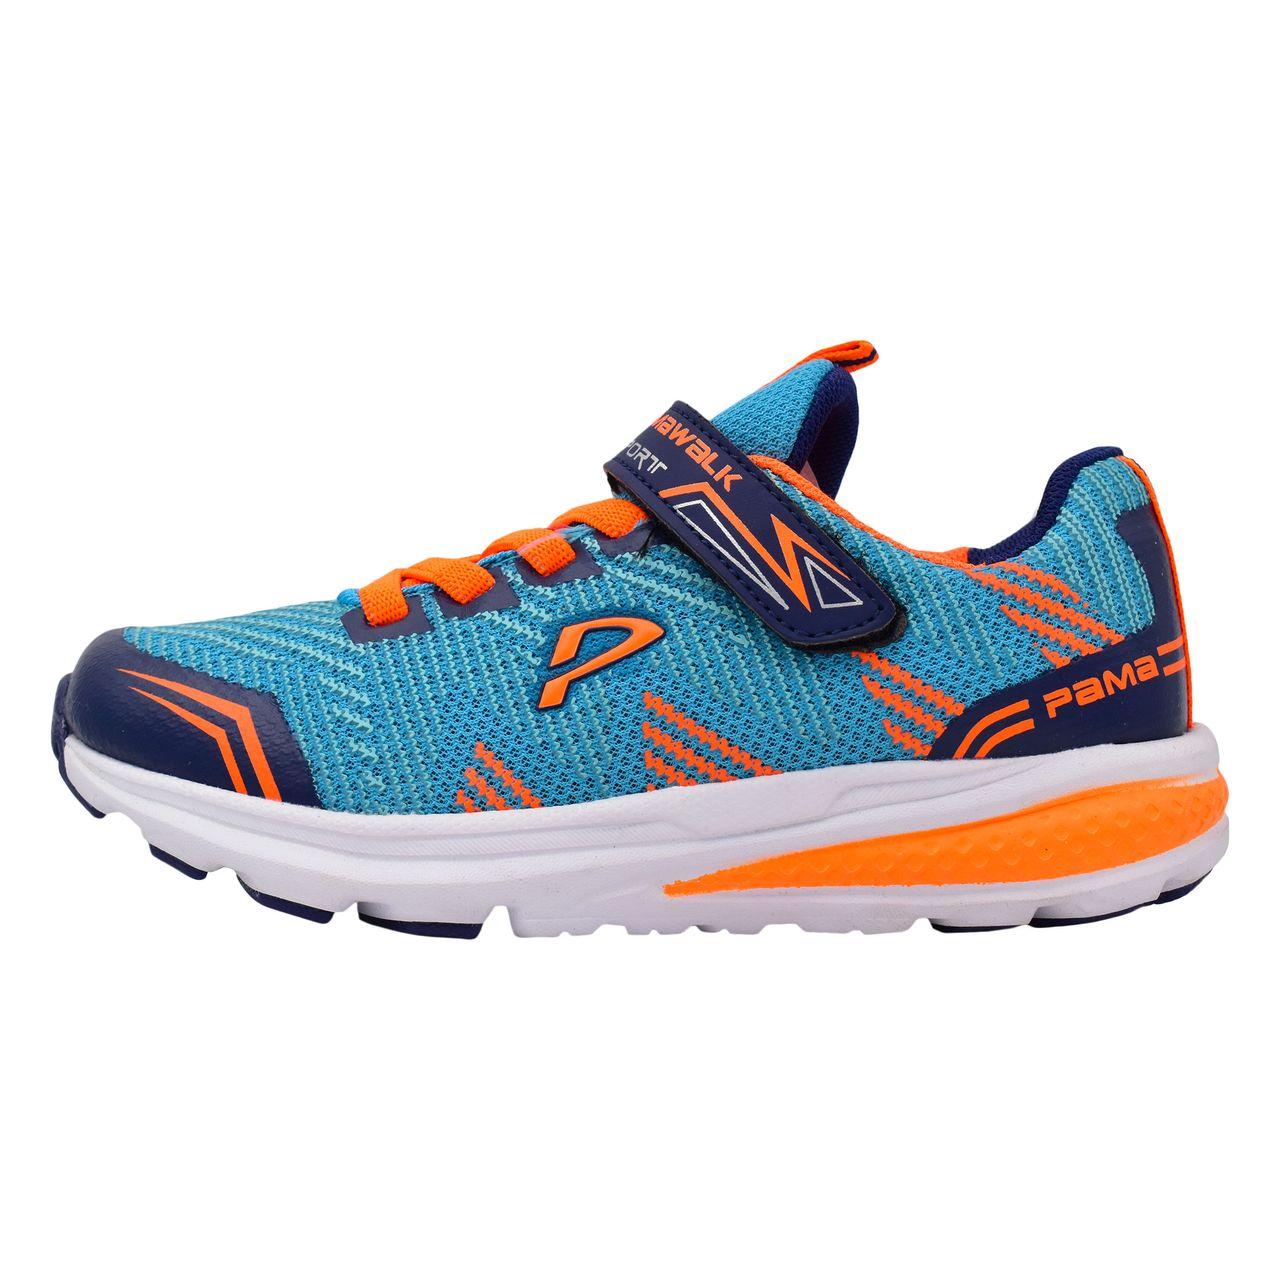 کفش مخصوص پیاده روی پسرانه پاما مدل Sacomi-109 کد G1457